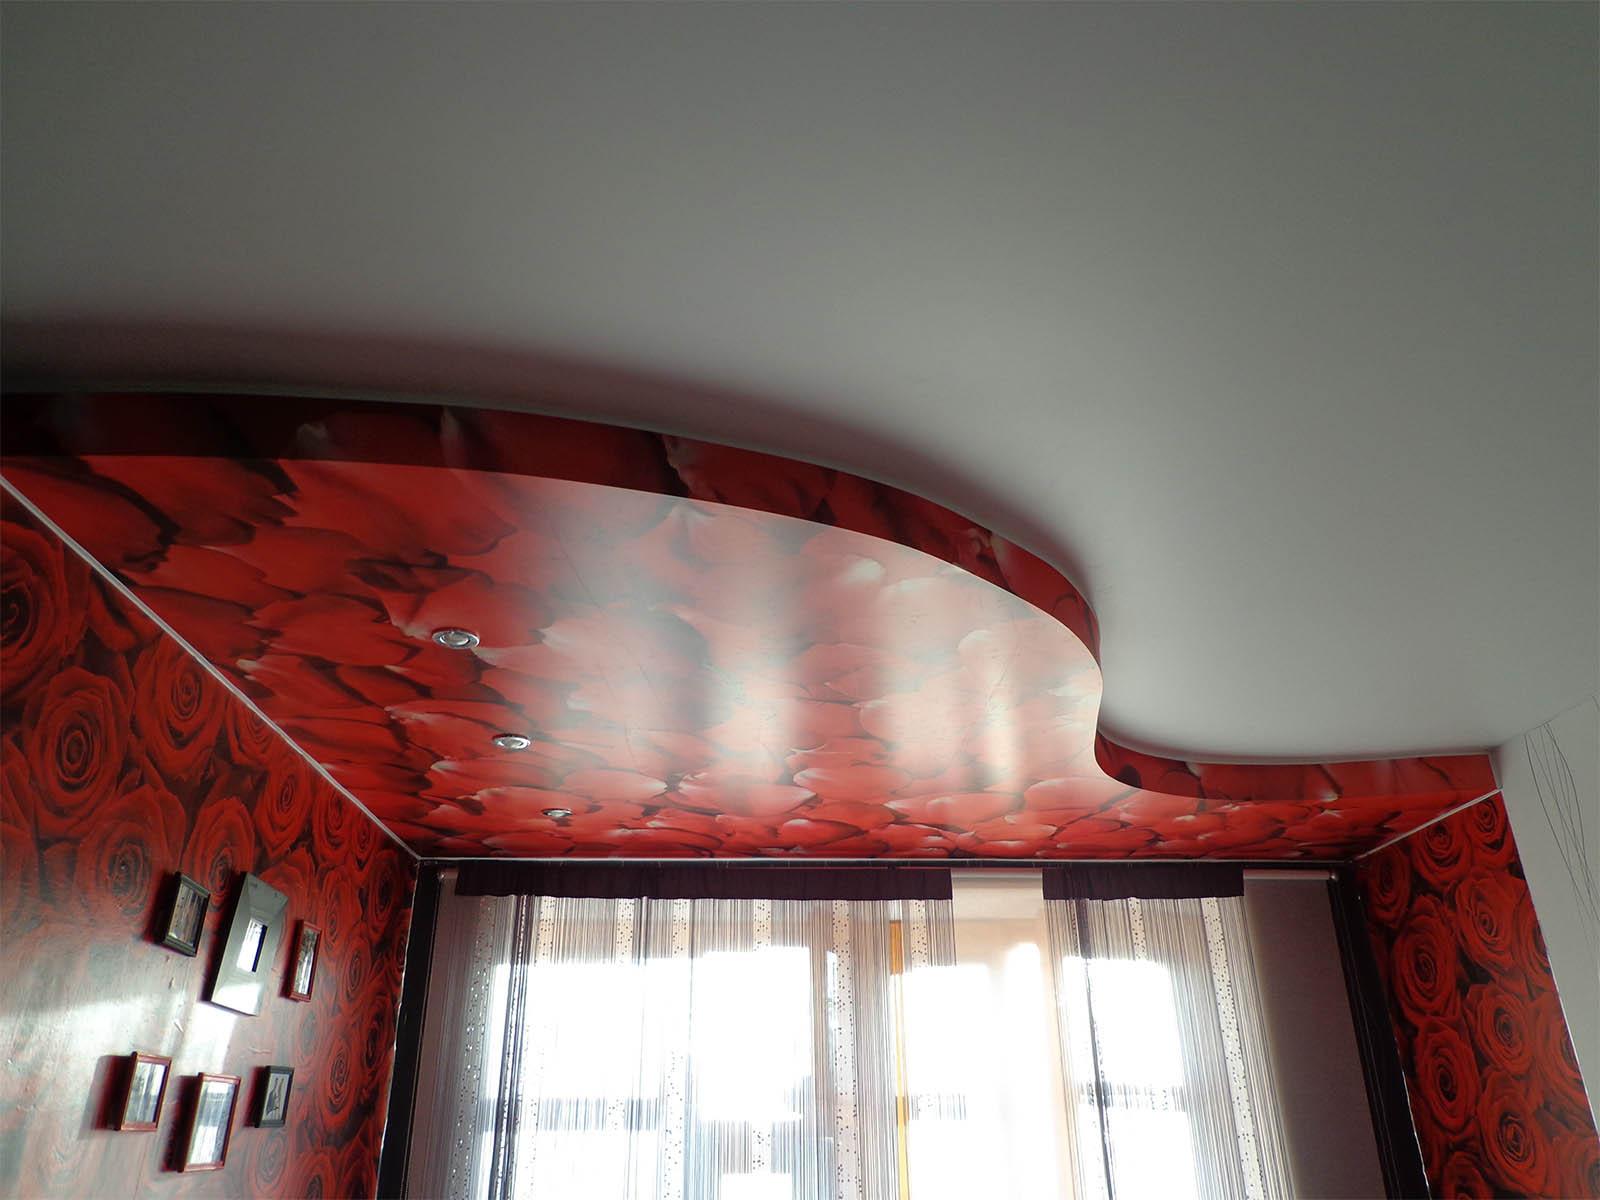 niche pour rideaux dans le plafond tendu avec leurs propres mains